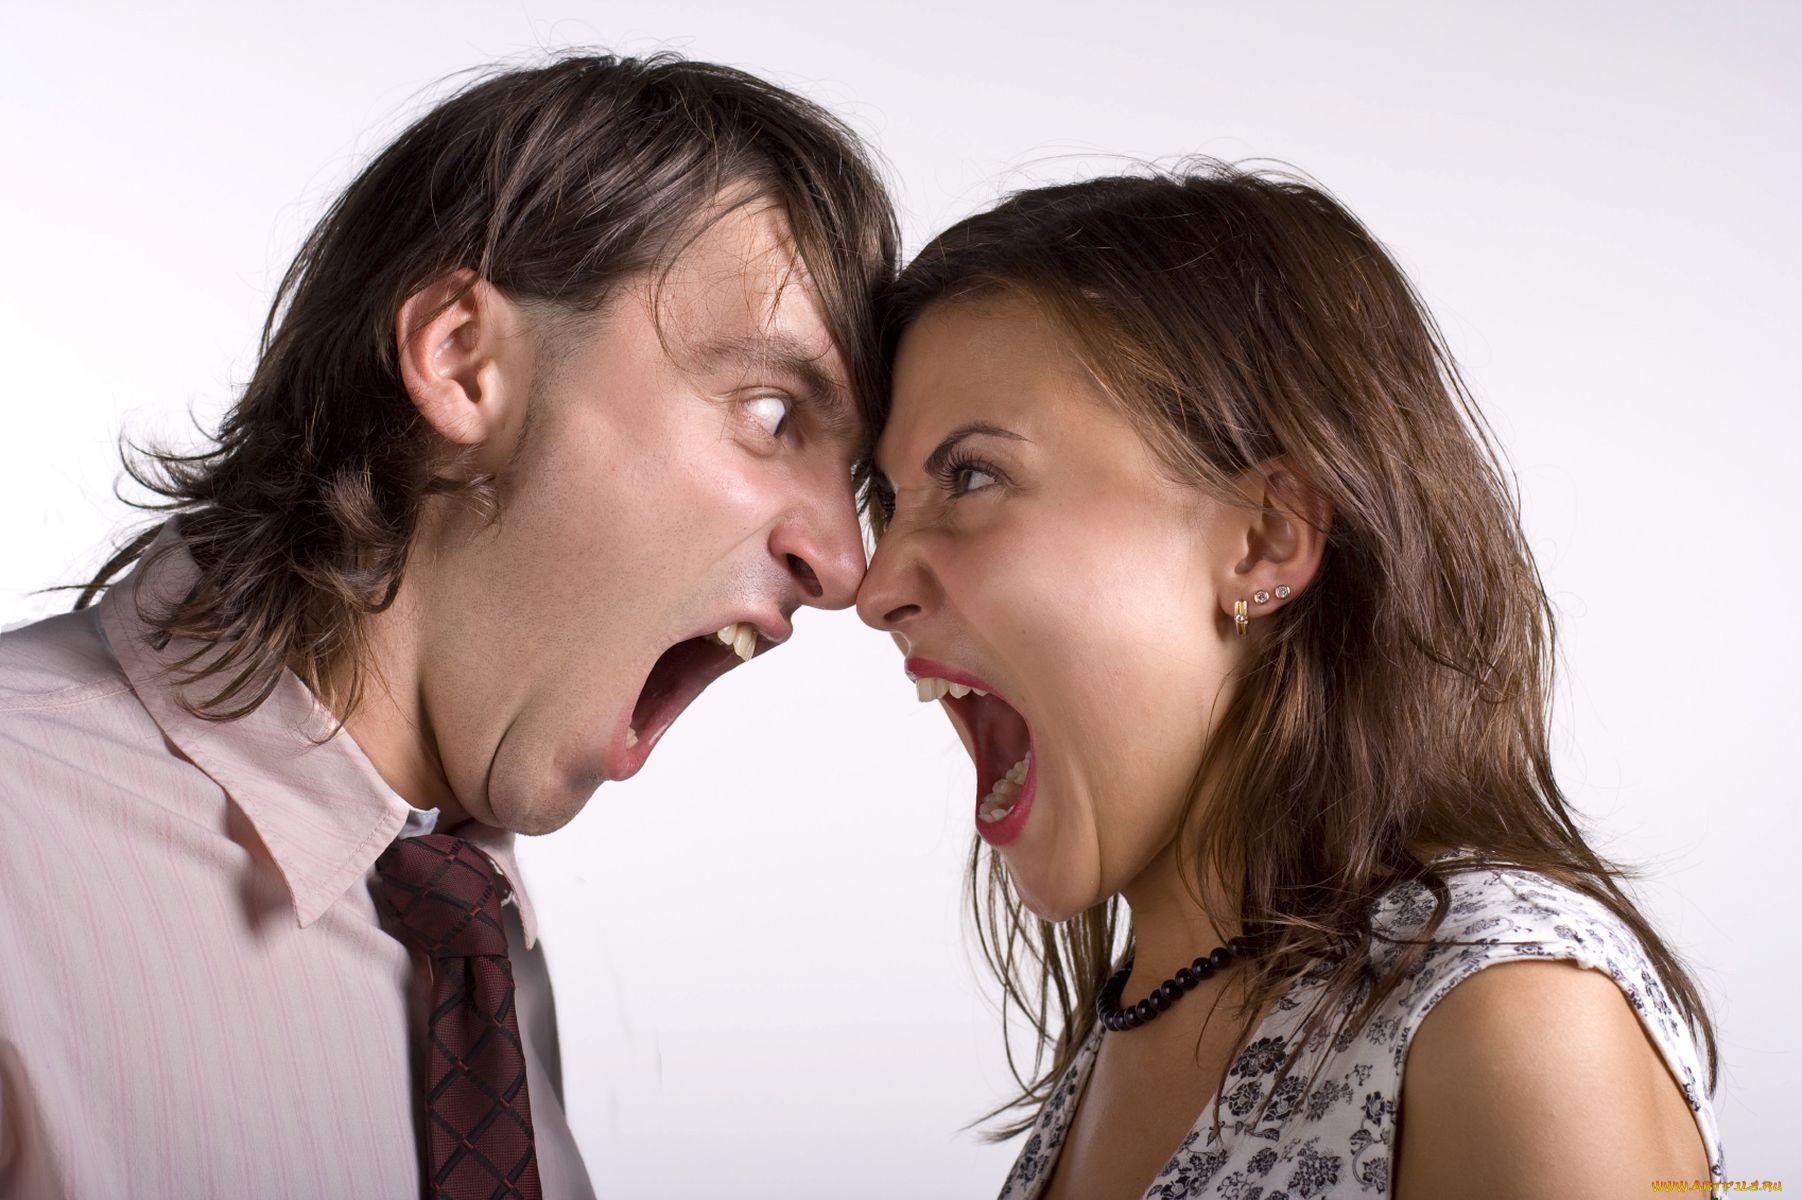 Картинки ссора мужчины и женщина